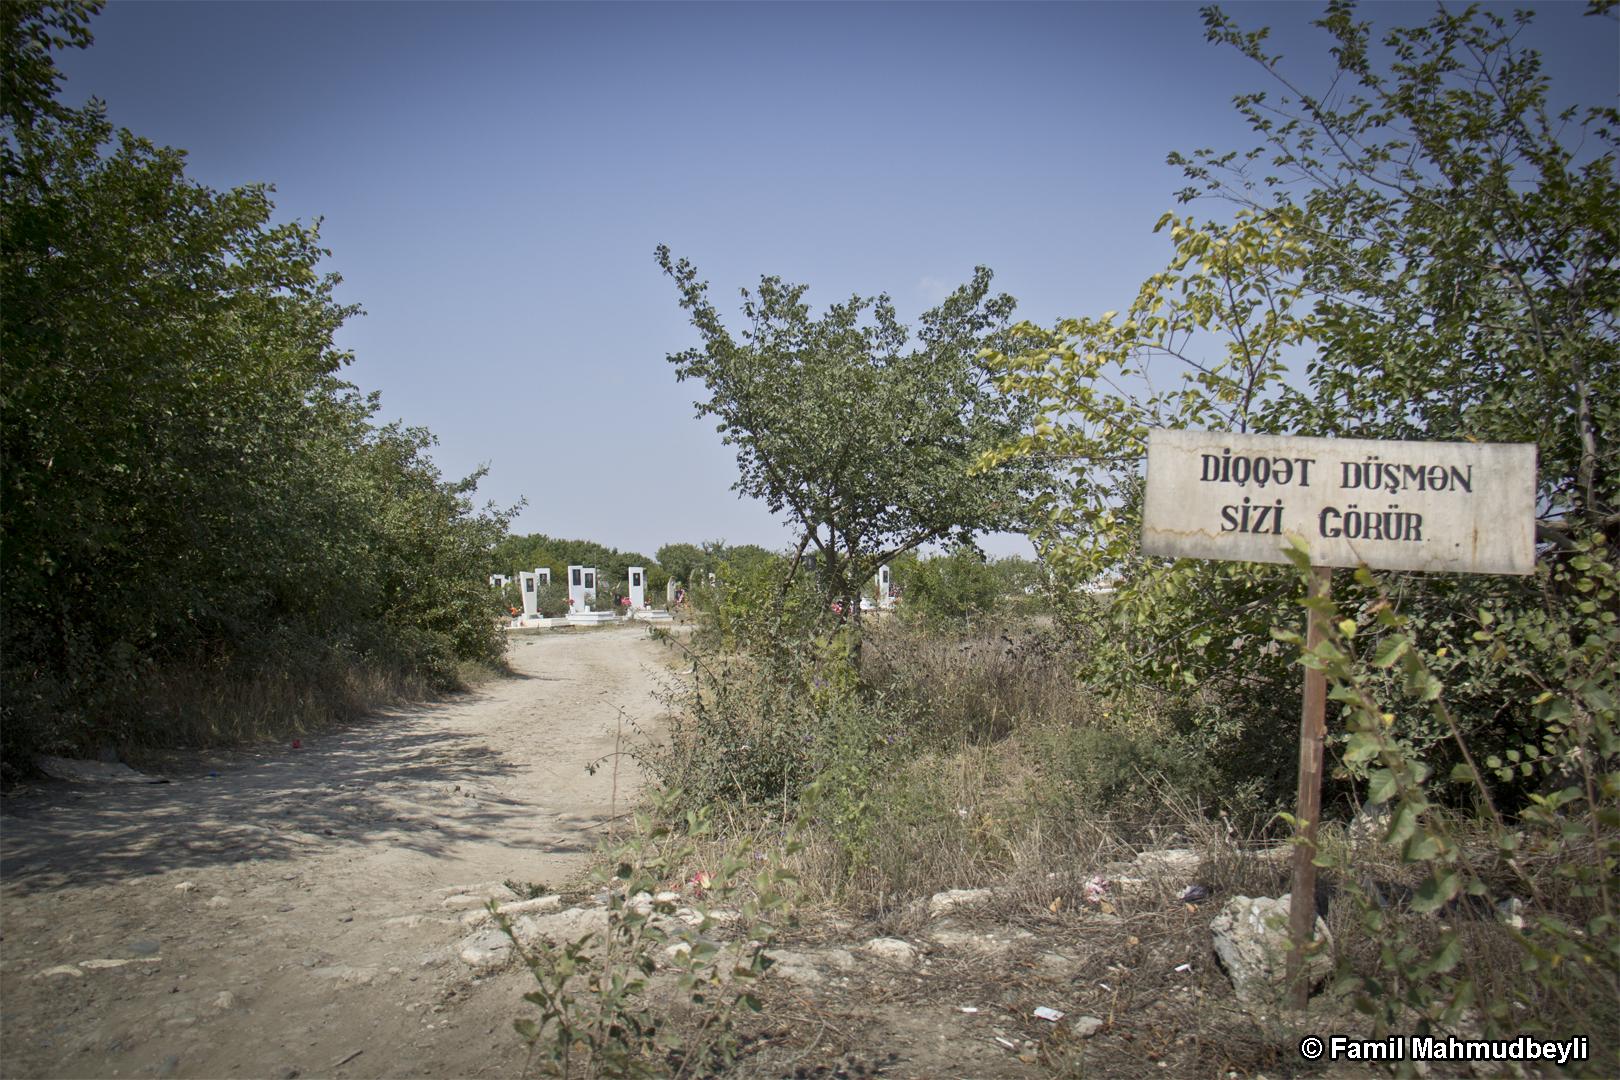 Ağdam rayonu, 2013. Mirəşəlli kəndinin qəbristanlığı. Bu qəbiristanlığı erməni hərbi postundan təxminən 200 metr ayırır.